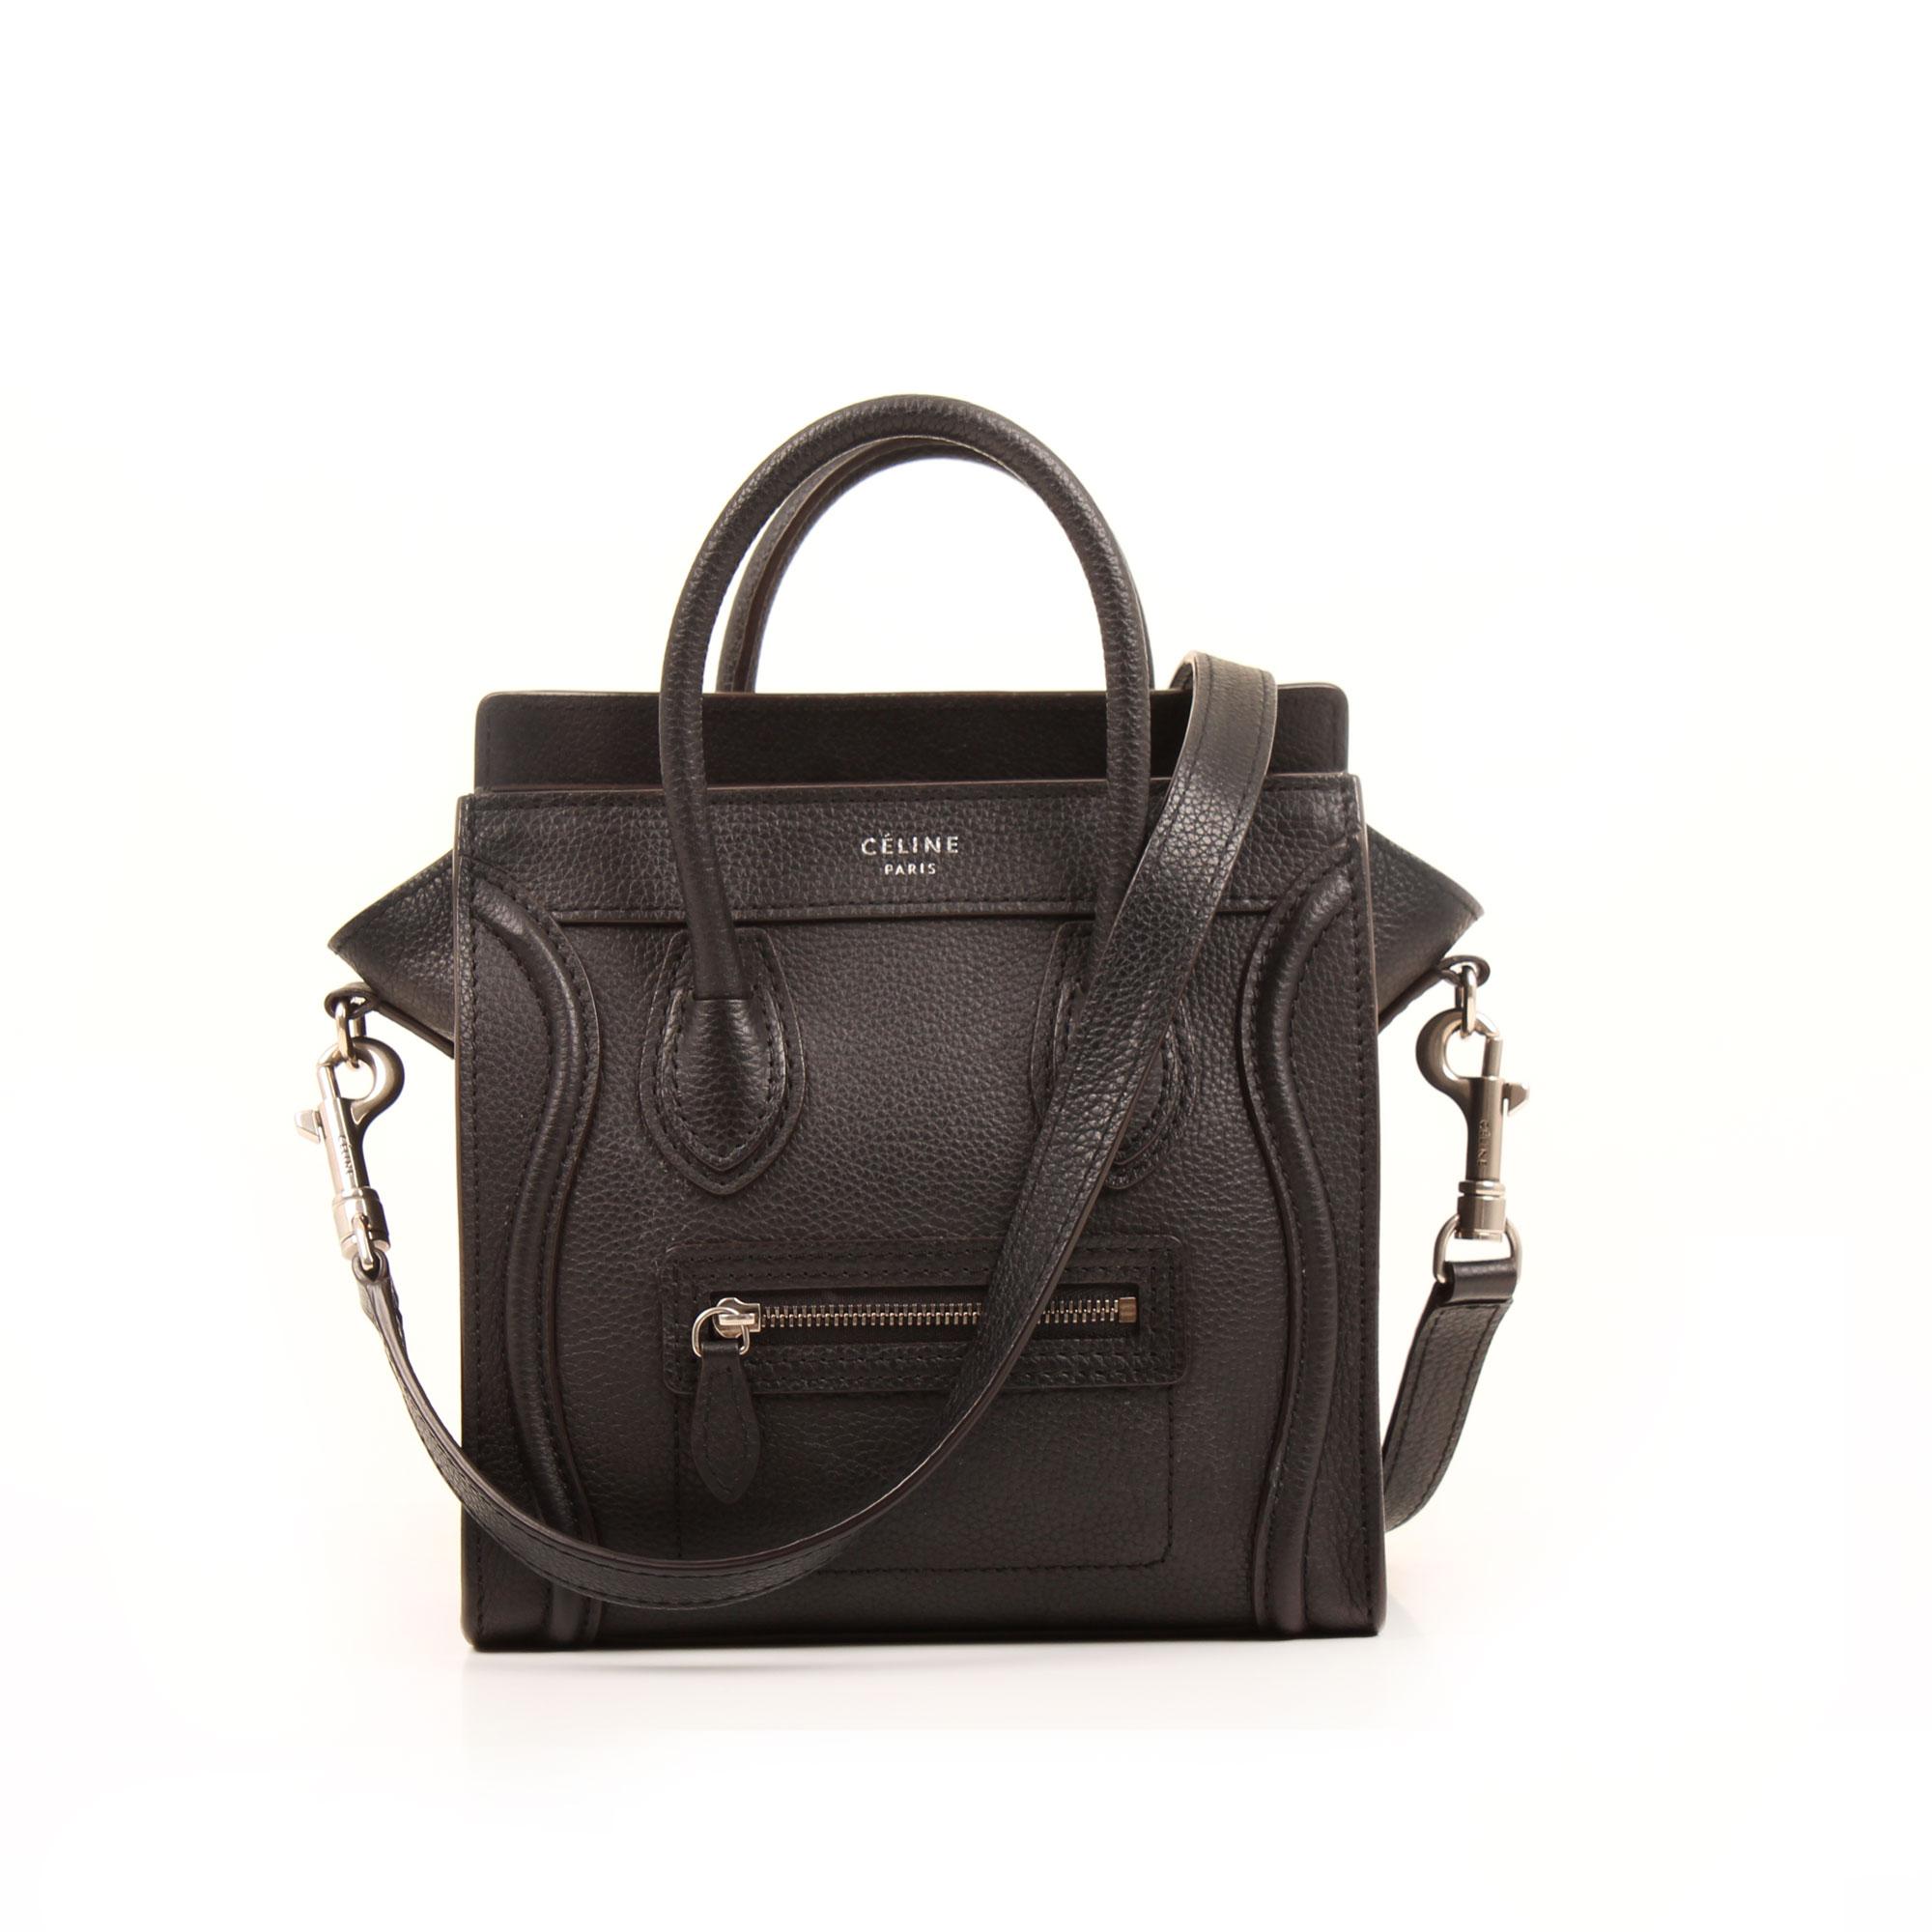 Imagen frontal con bandolera del bolso celine nano luggage negro piel becerro